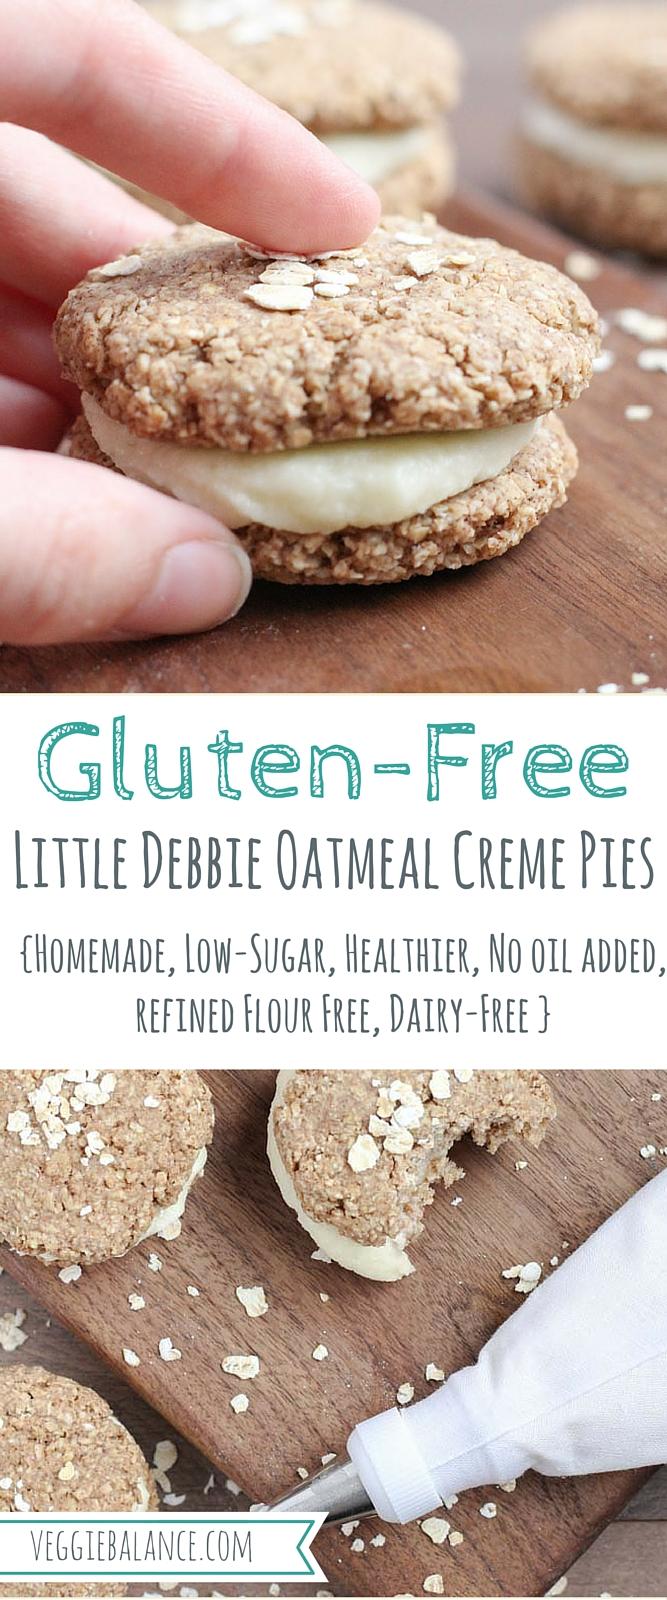 Gluten-Free Little Debbie Oatmeal Creme Pies {Low-Sugar}